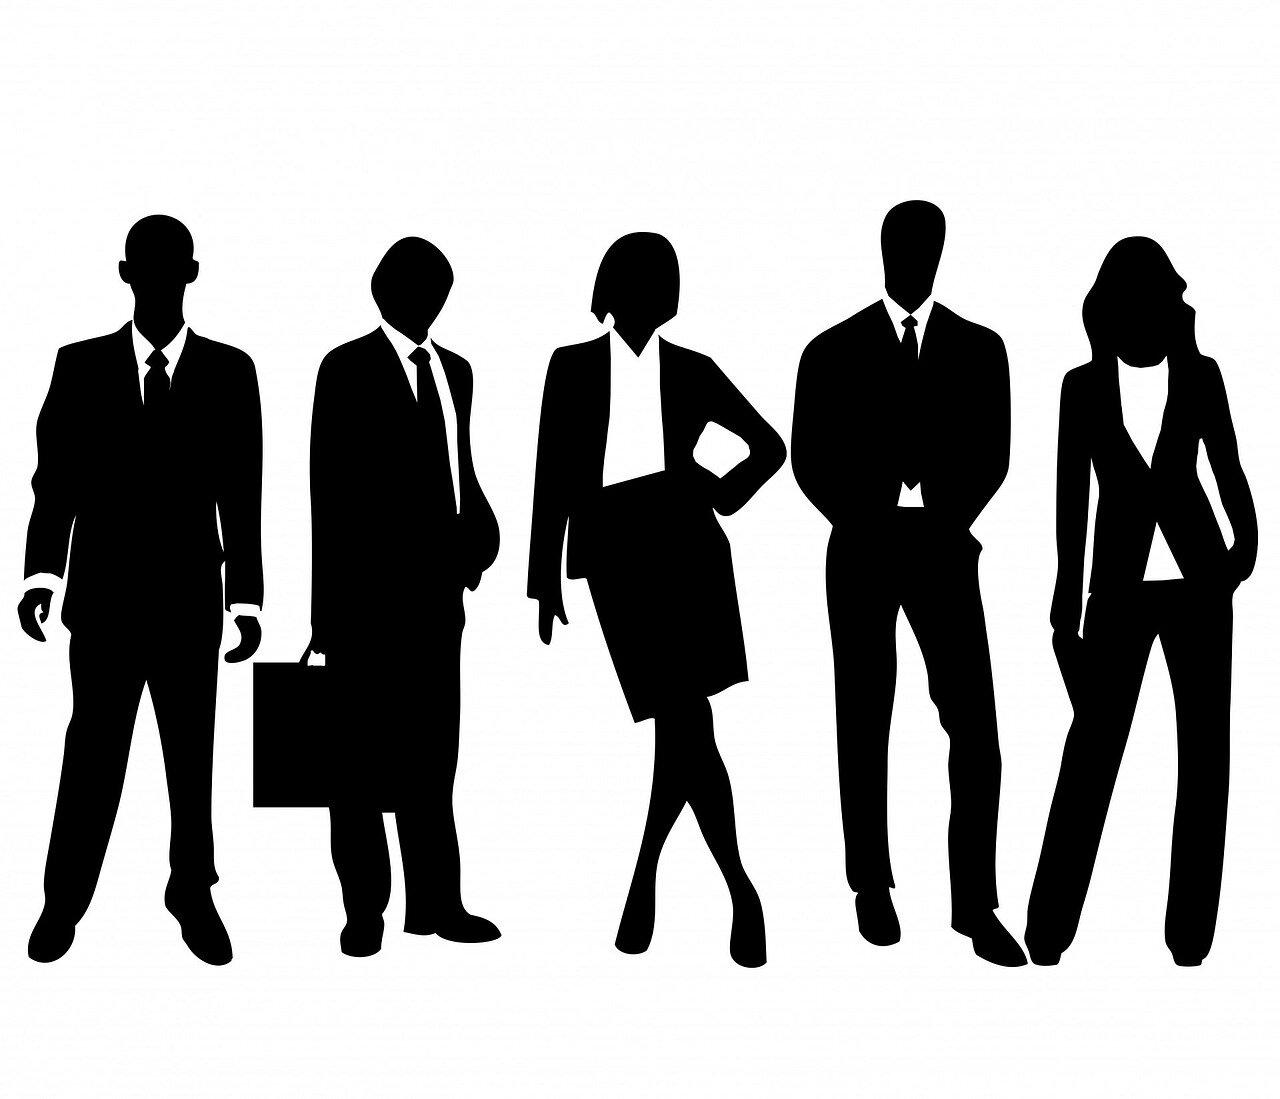 administracja rządowa Źródło: pixabay, licencja: CC 0.